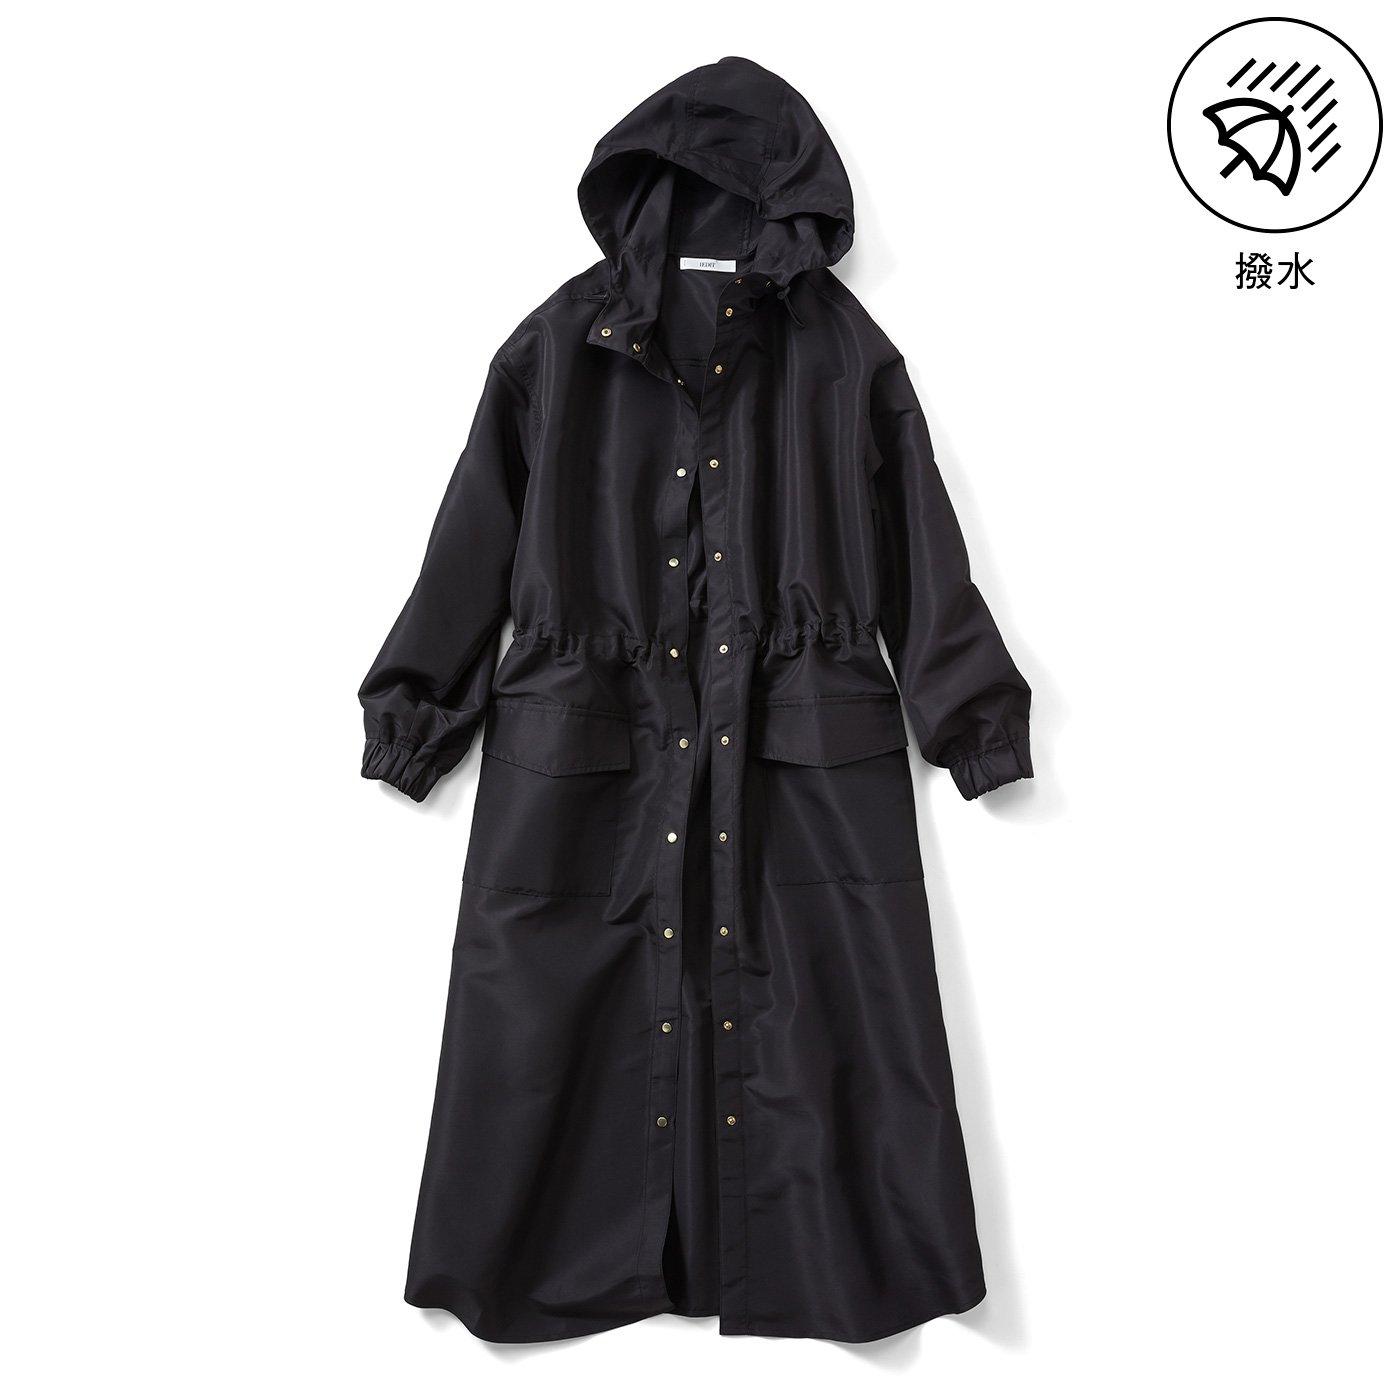 【3~10日でお届け】IEDIT[イディット] ロングシャツライクなレインコート〈ブラック〉